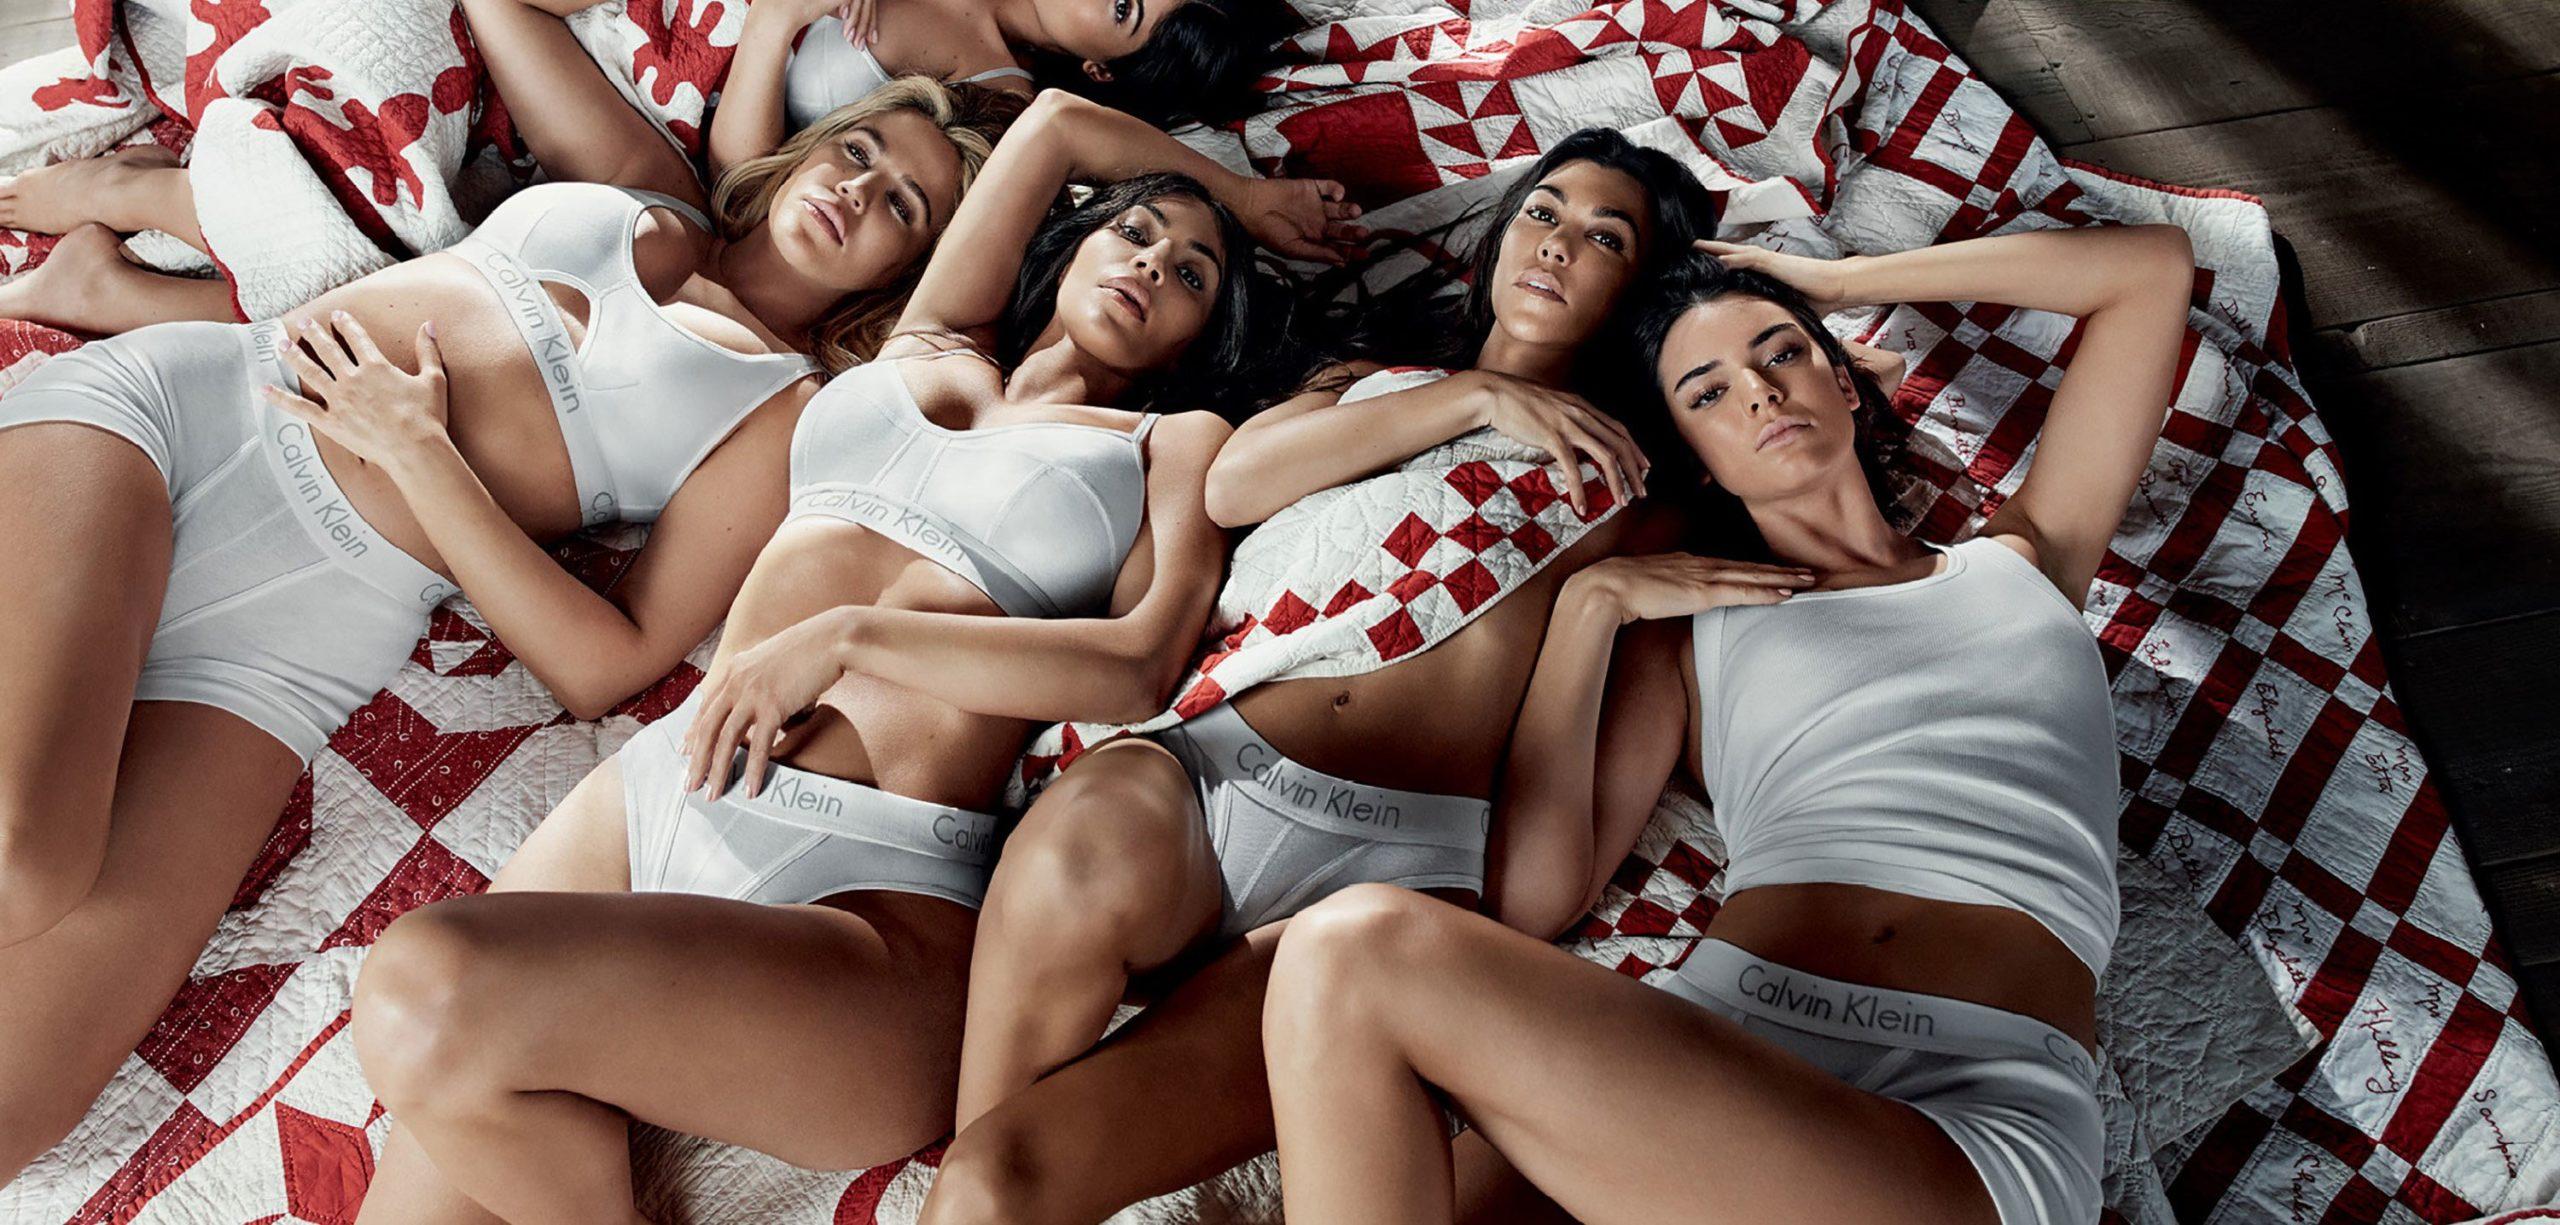 Encyklopedia rodu Kardashian: skandale, sekrety, pieniądze